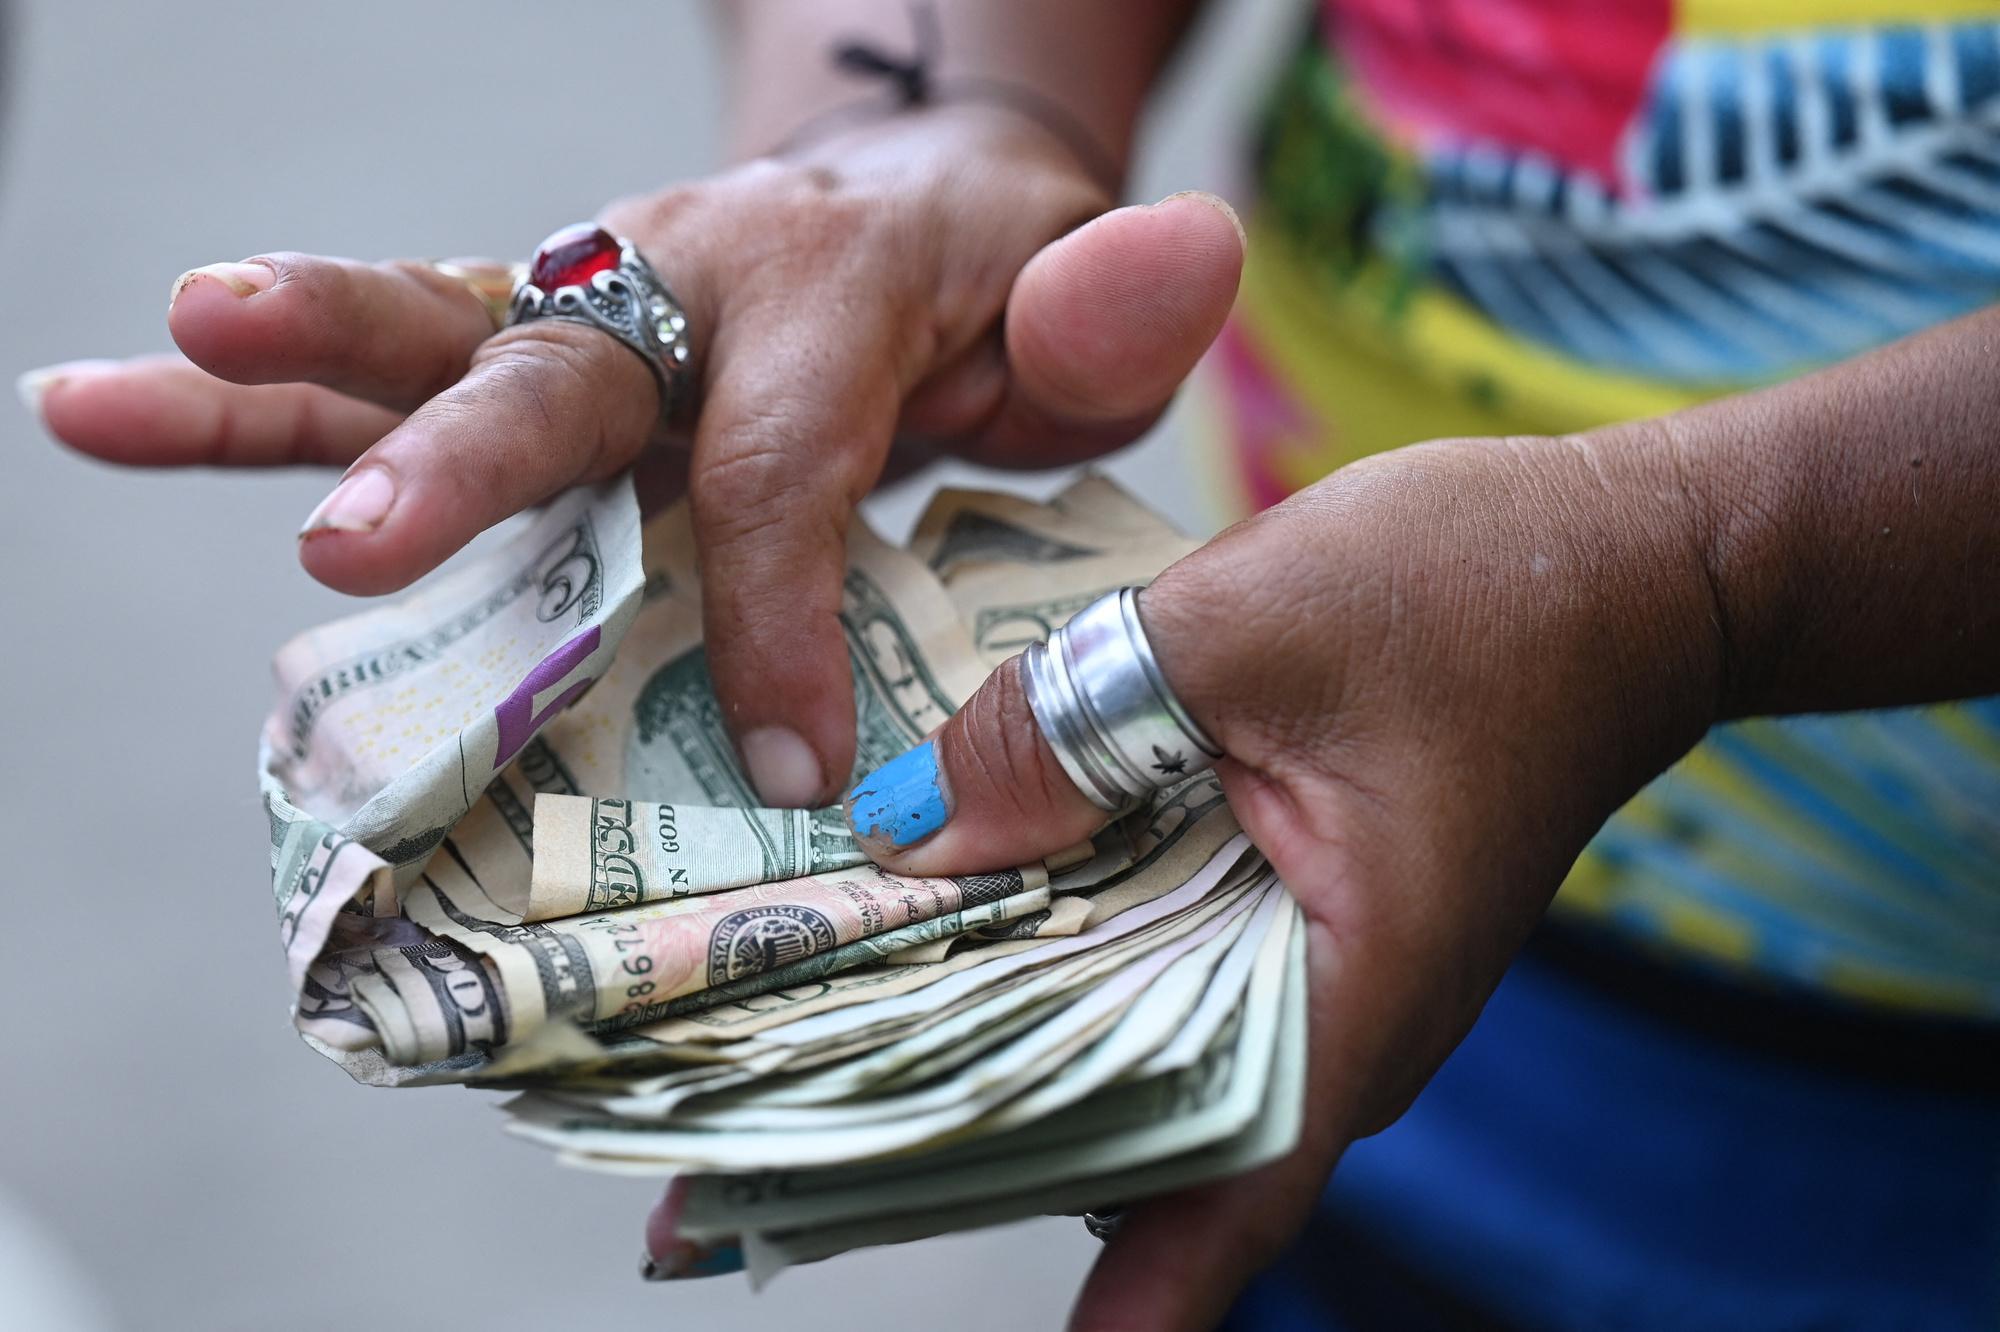 """""""Moi, (le bitcoin) je ne le prends pas. Le dollar ça me va bien. Si quelqu'un vient et veut acheter comme ça, je vais lui dire : """"moi, je veux du dollar"""", je vais lui donner du dollar et qu'il me donne du dollar"""", Belgaimages"""